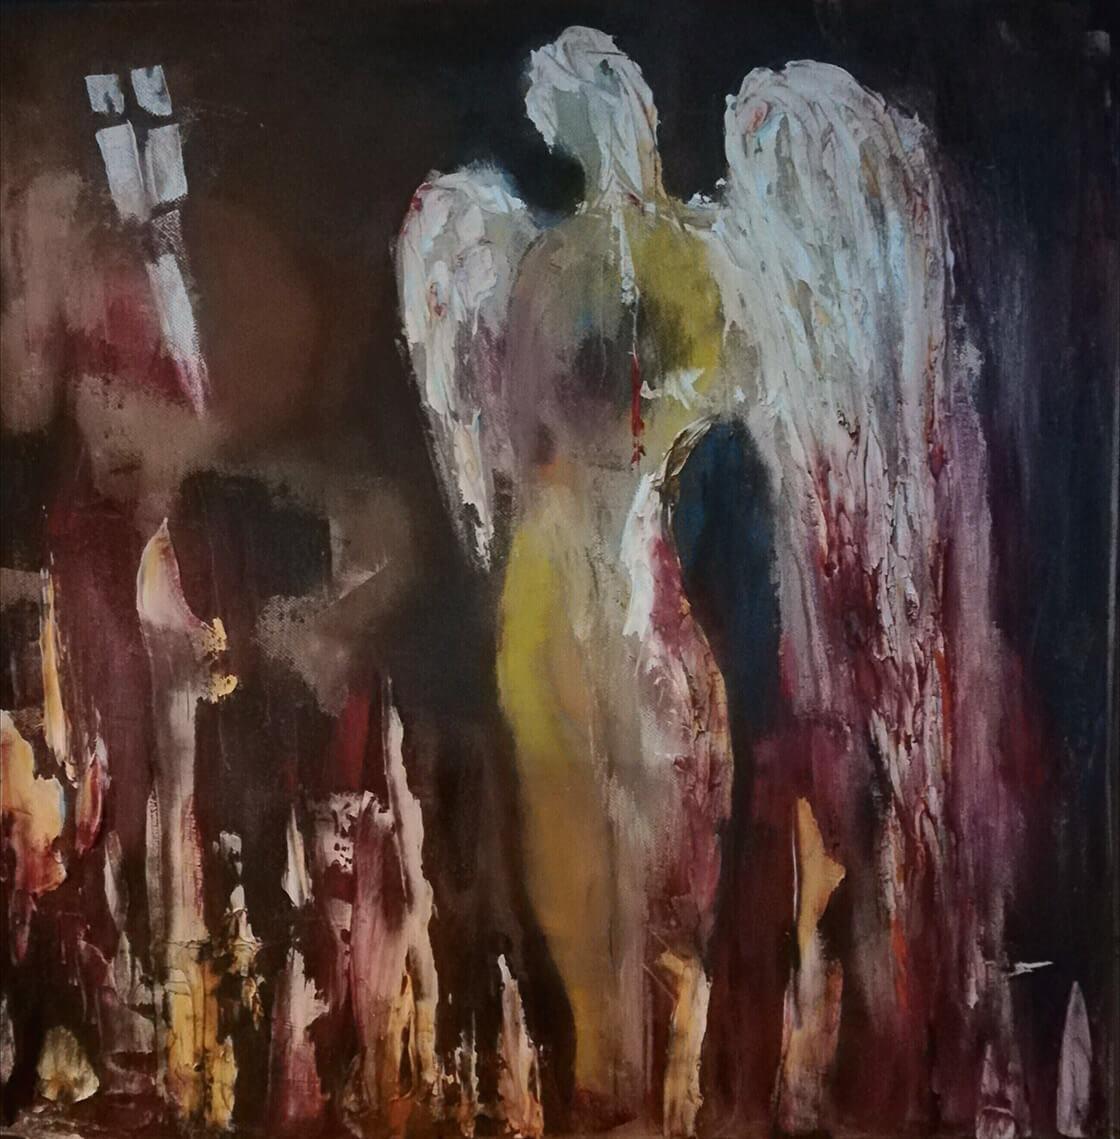 Obraz Ten, který ztratil světlo namalovaný Vlaďkou Zborníkovou, kombinovaná technika